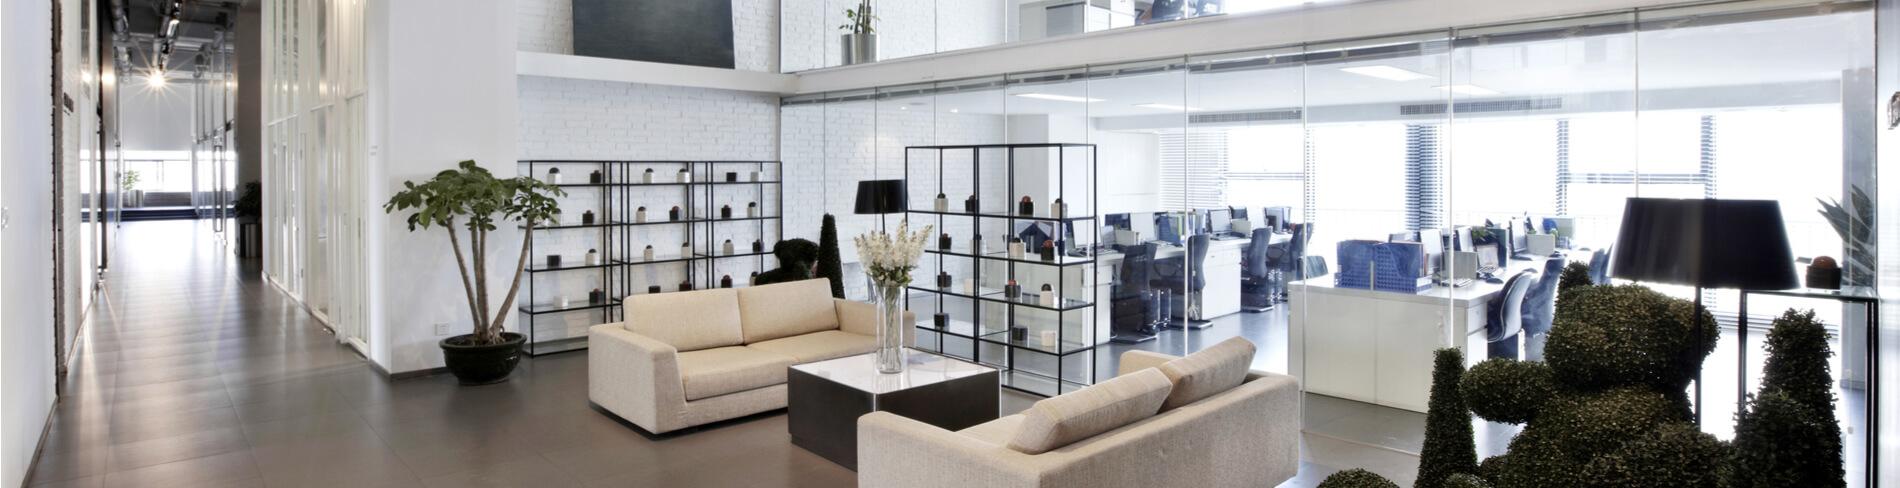 10 tendances d 39 am nagement de bureau pour 2019 r no assistance. Black Bedroom Furniture Sets. Home Design Ideas